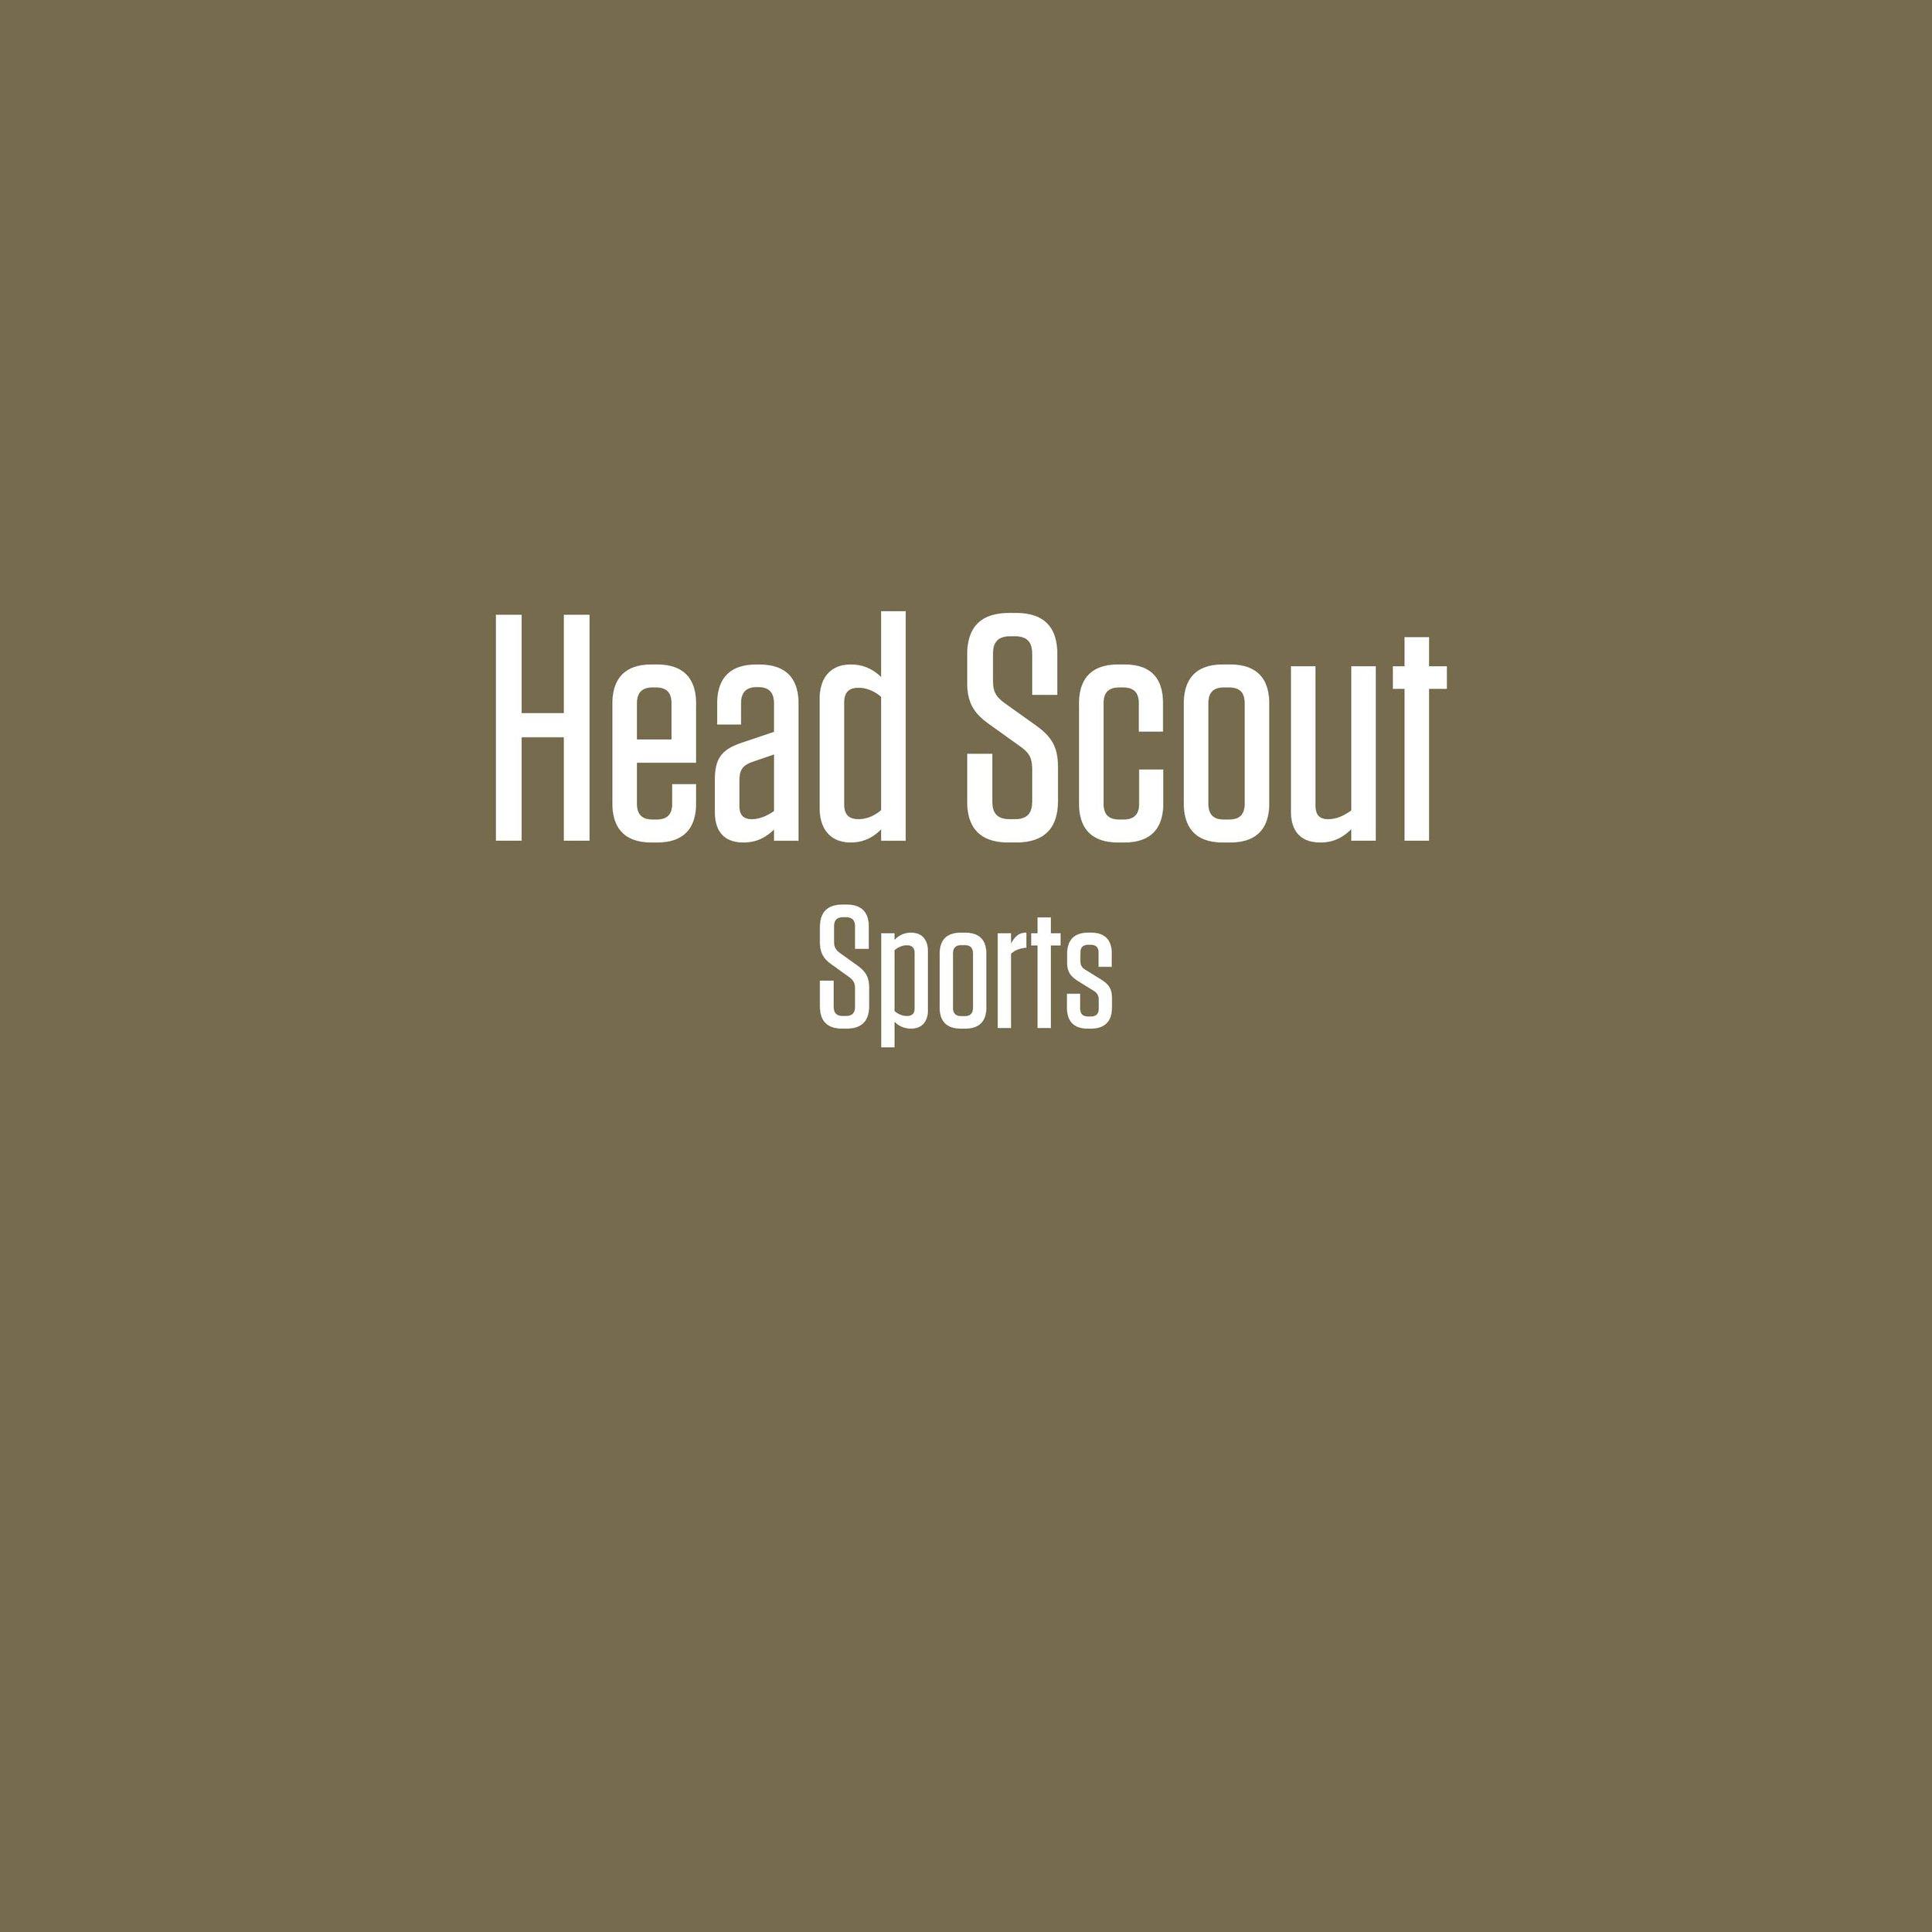 head scout.jpg